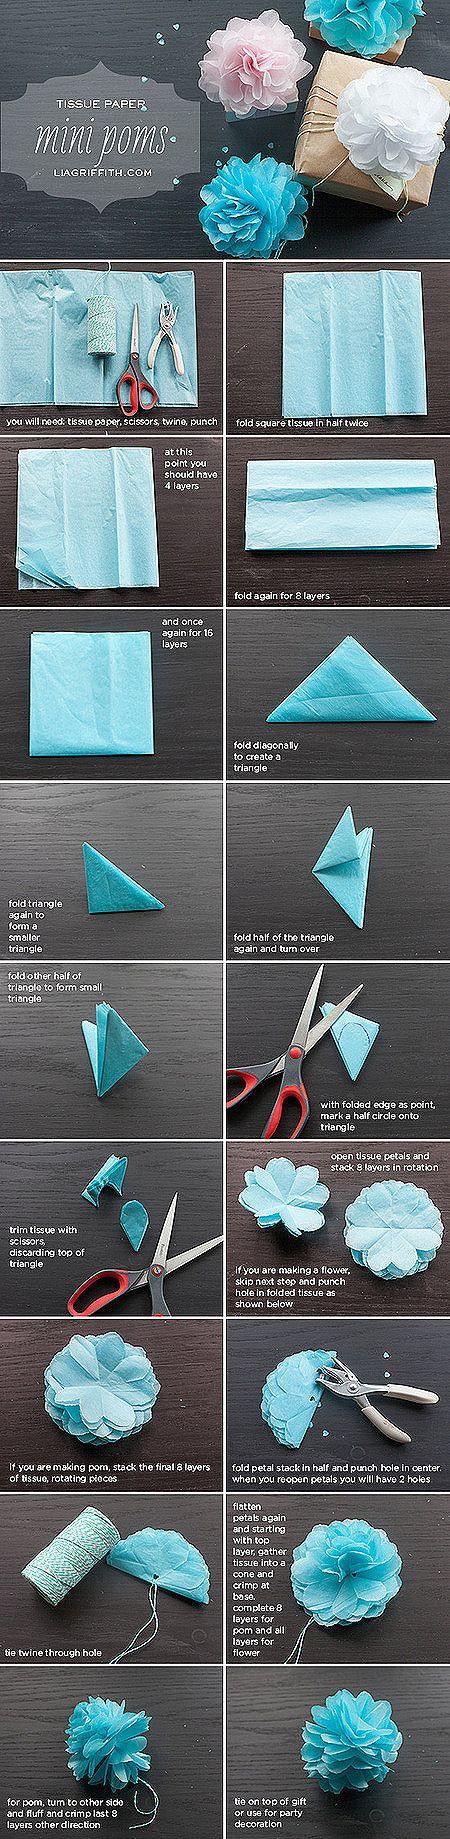 Origami resmungando Pictures